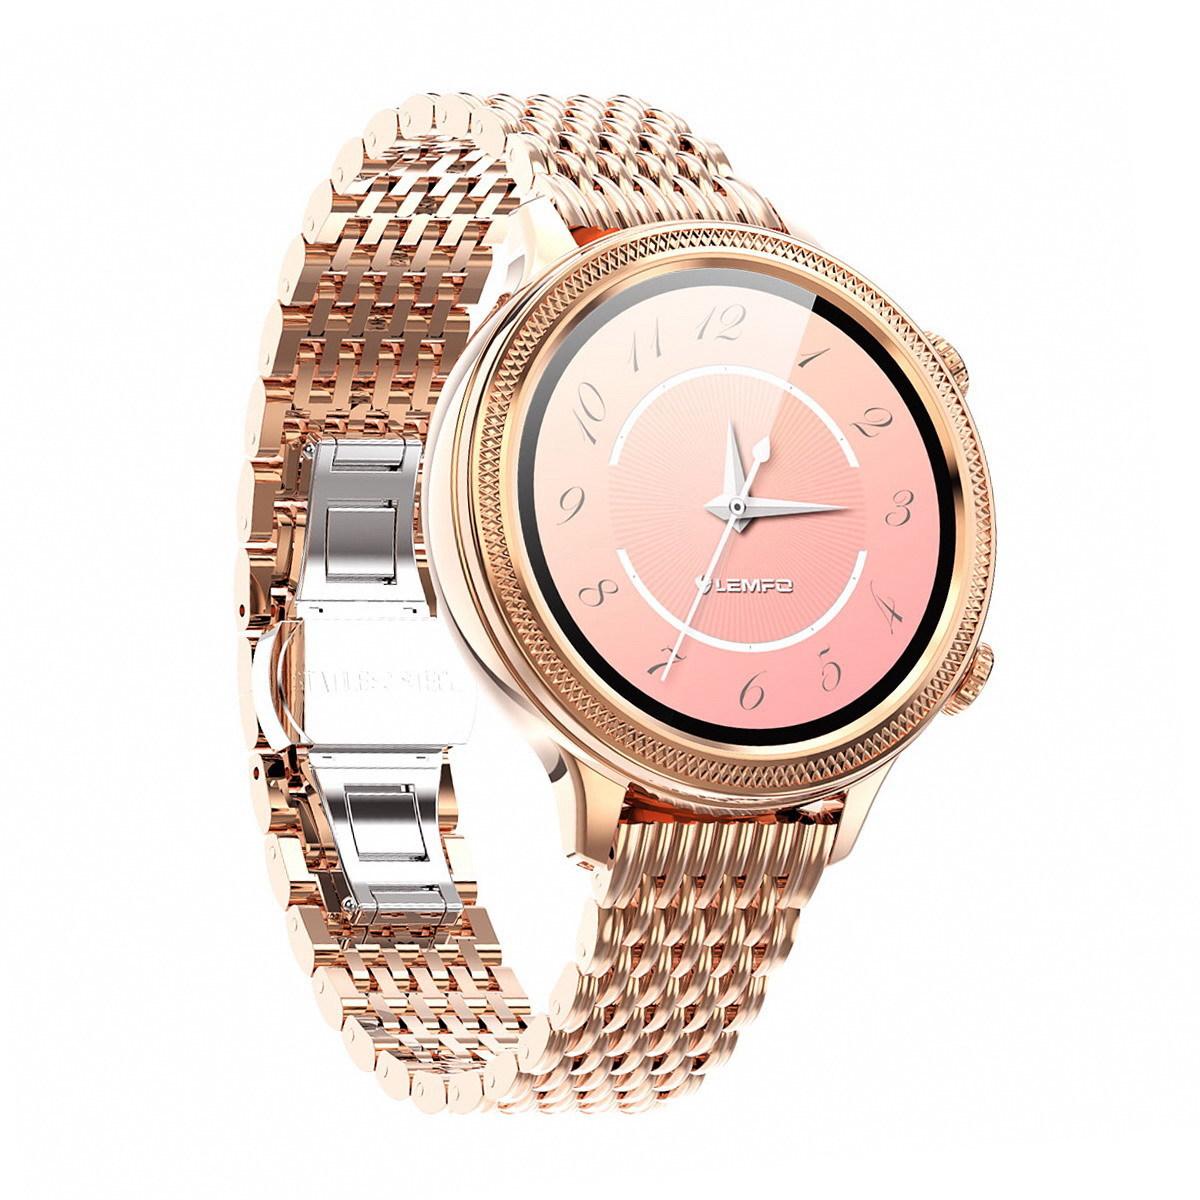 Смарт часы и браслеты Смарт часы женские Lemfo LT06 смарт_часы_lemfo_LT06_11__8_.jpg